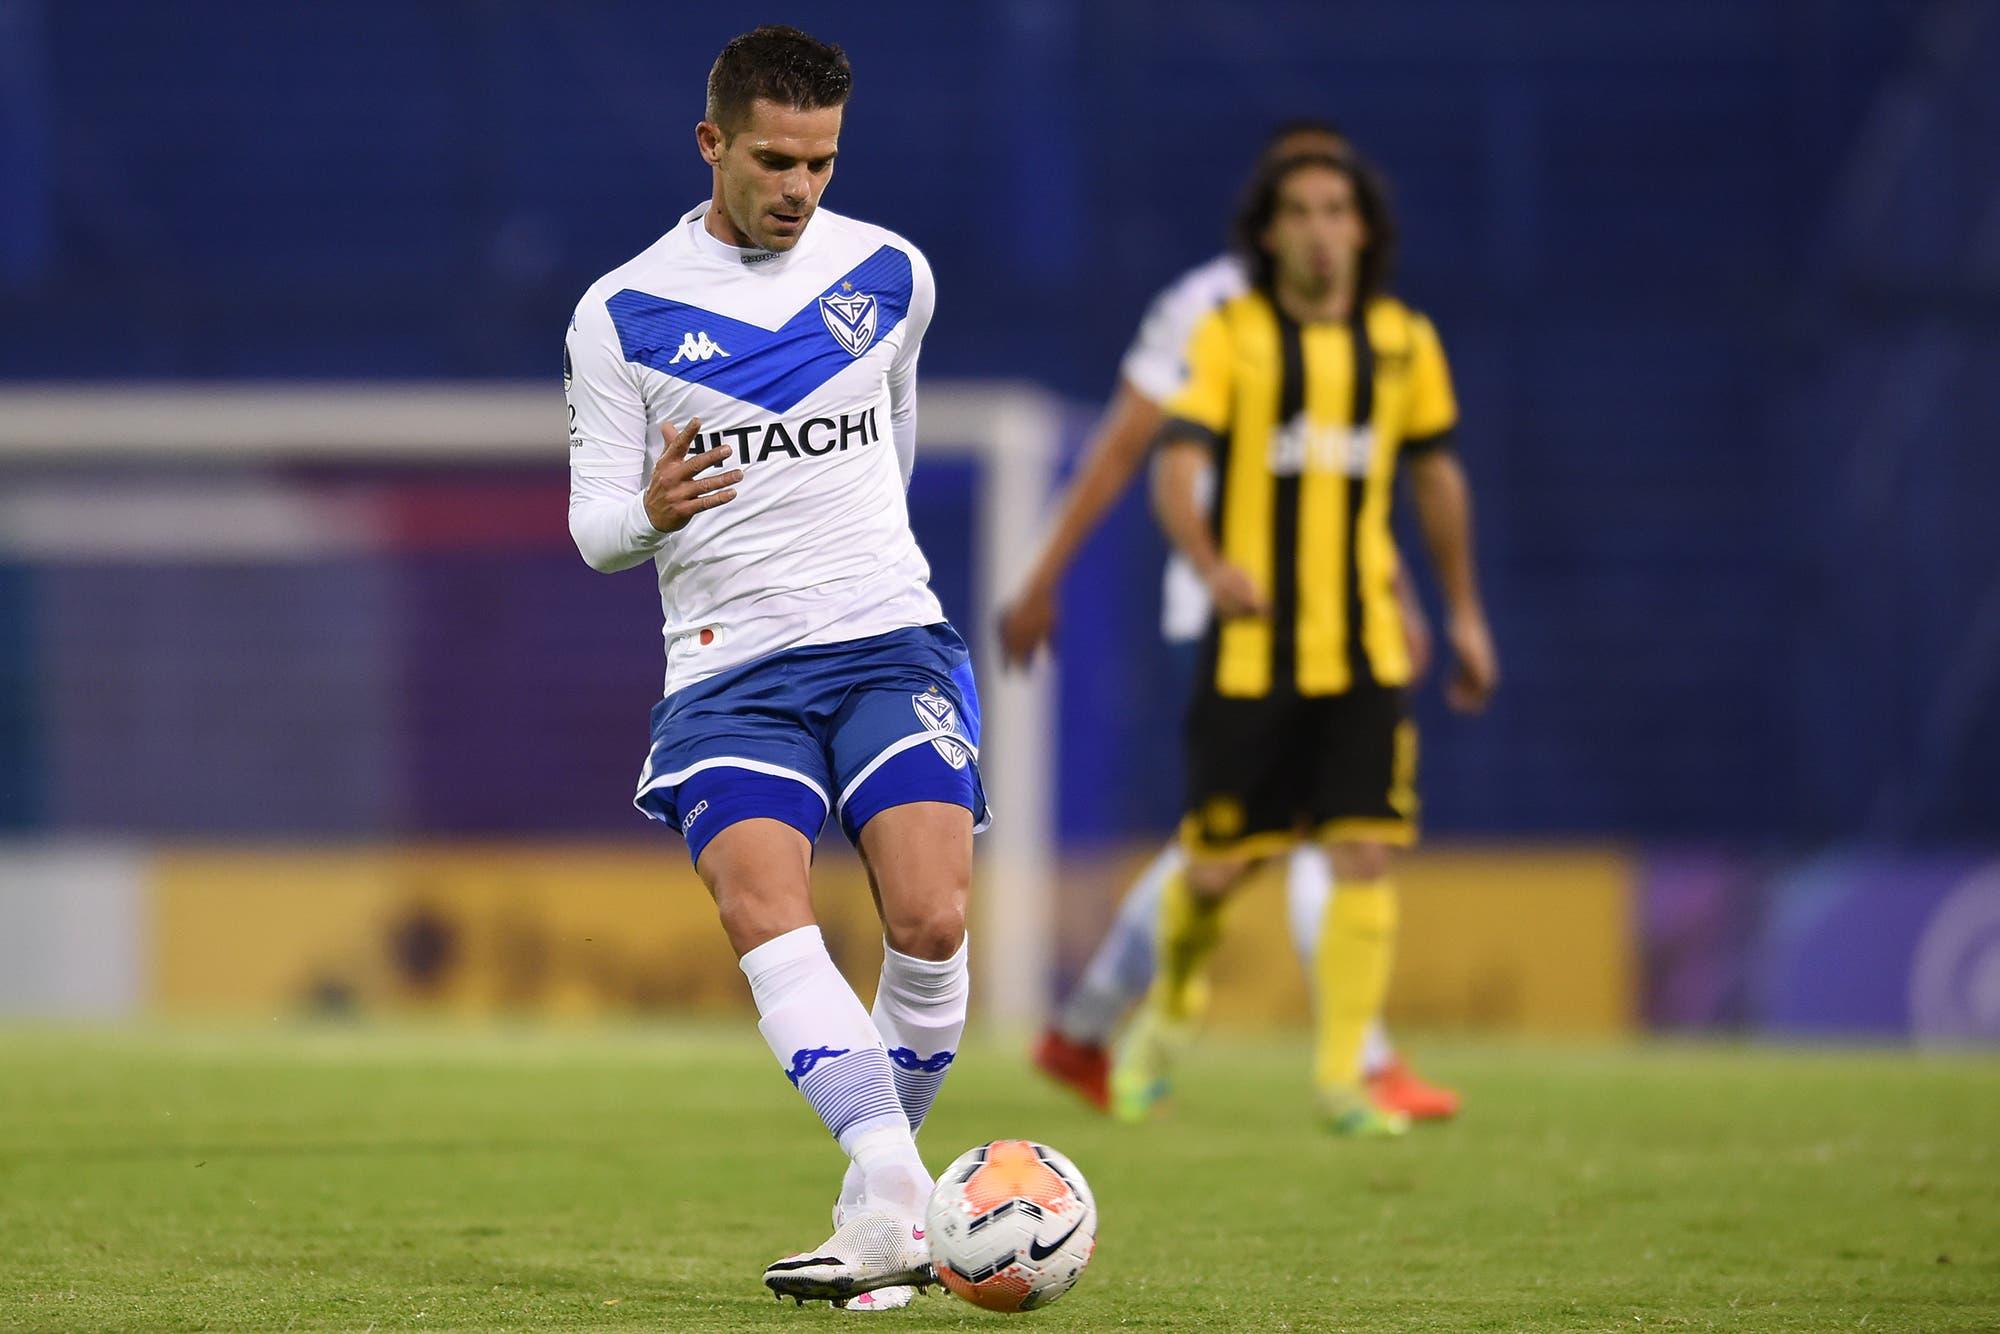 Se retira Fernando Gago: a los 34 años, el volante anunció que deja el fútbol